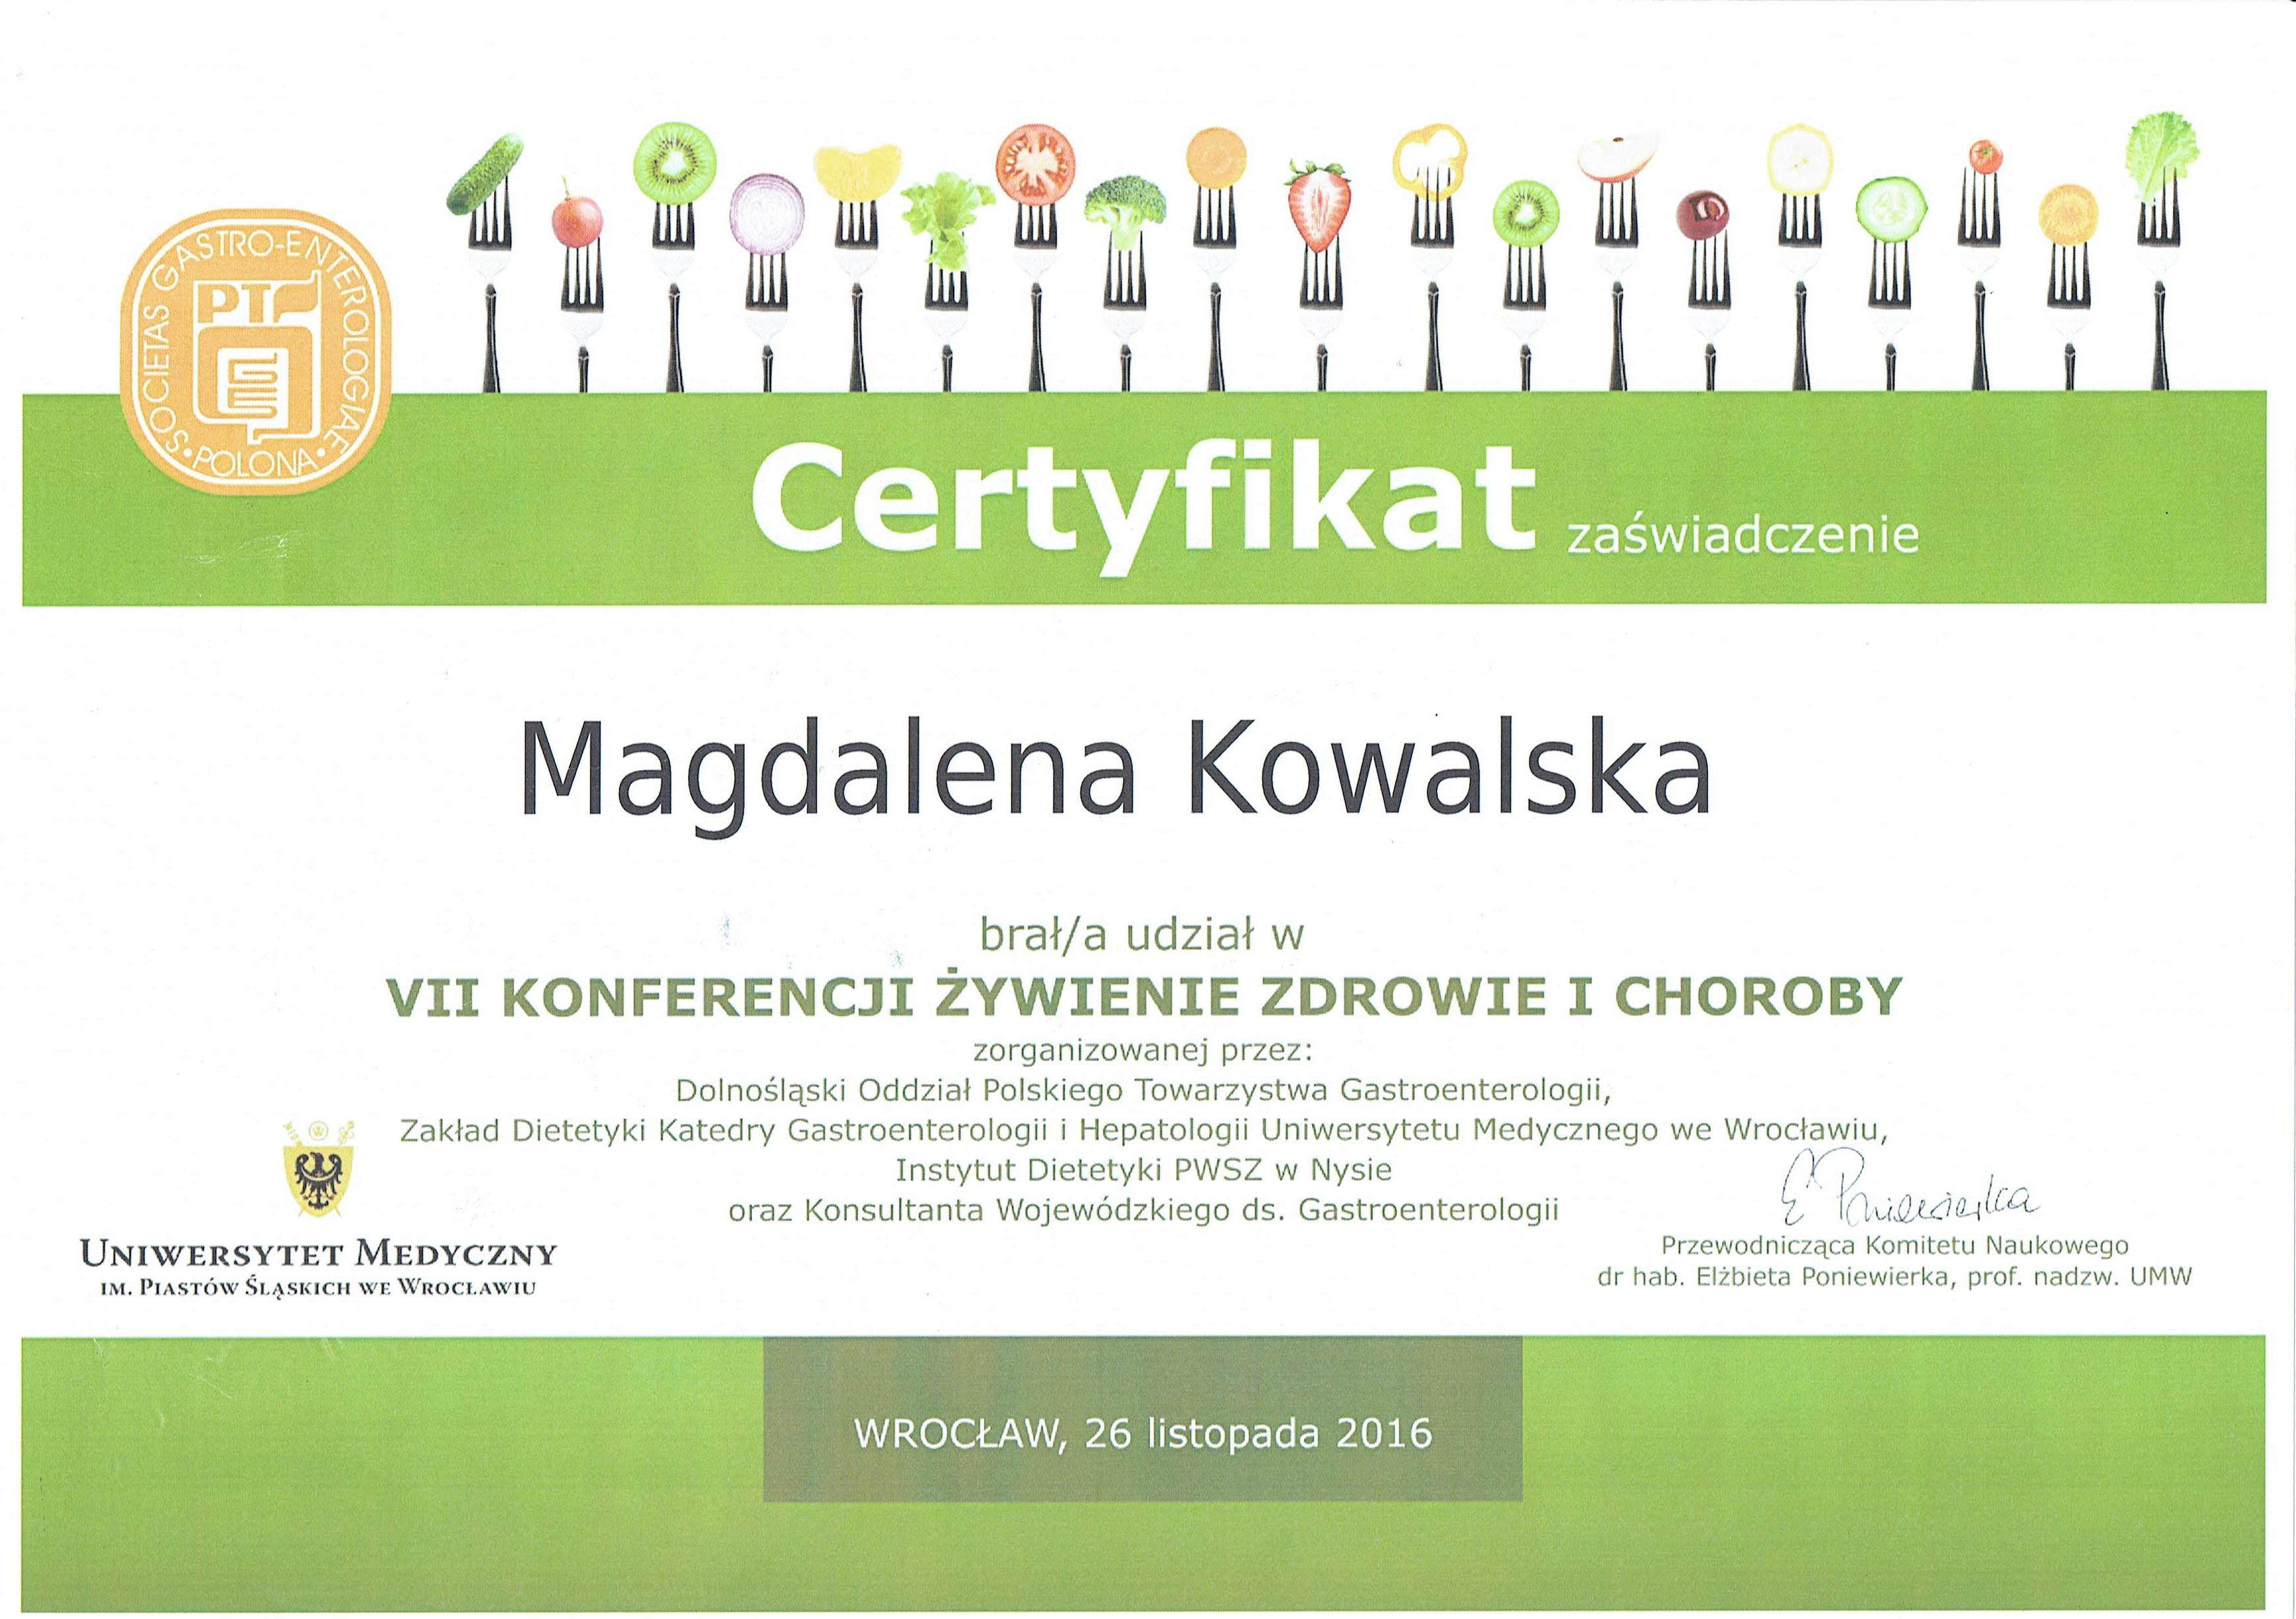 VII Konferencja Żywienie Zdrowie i Choroby